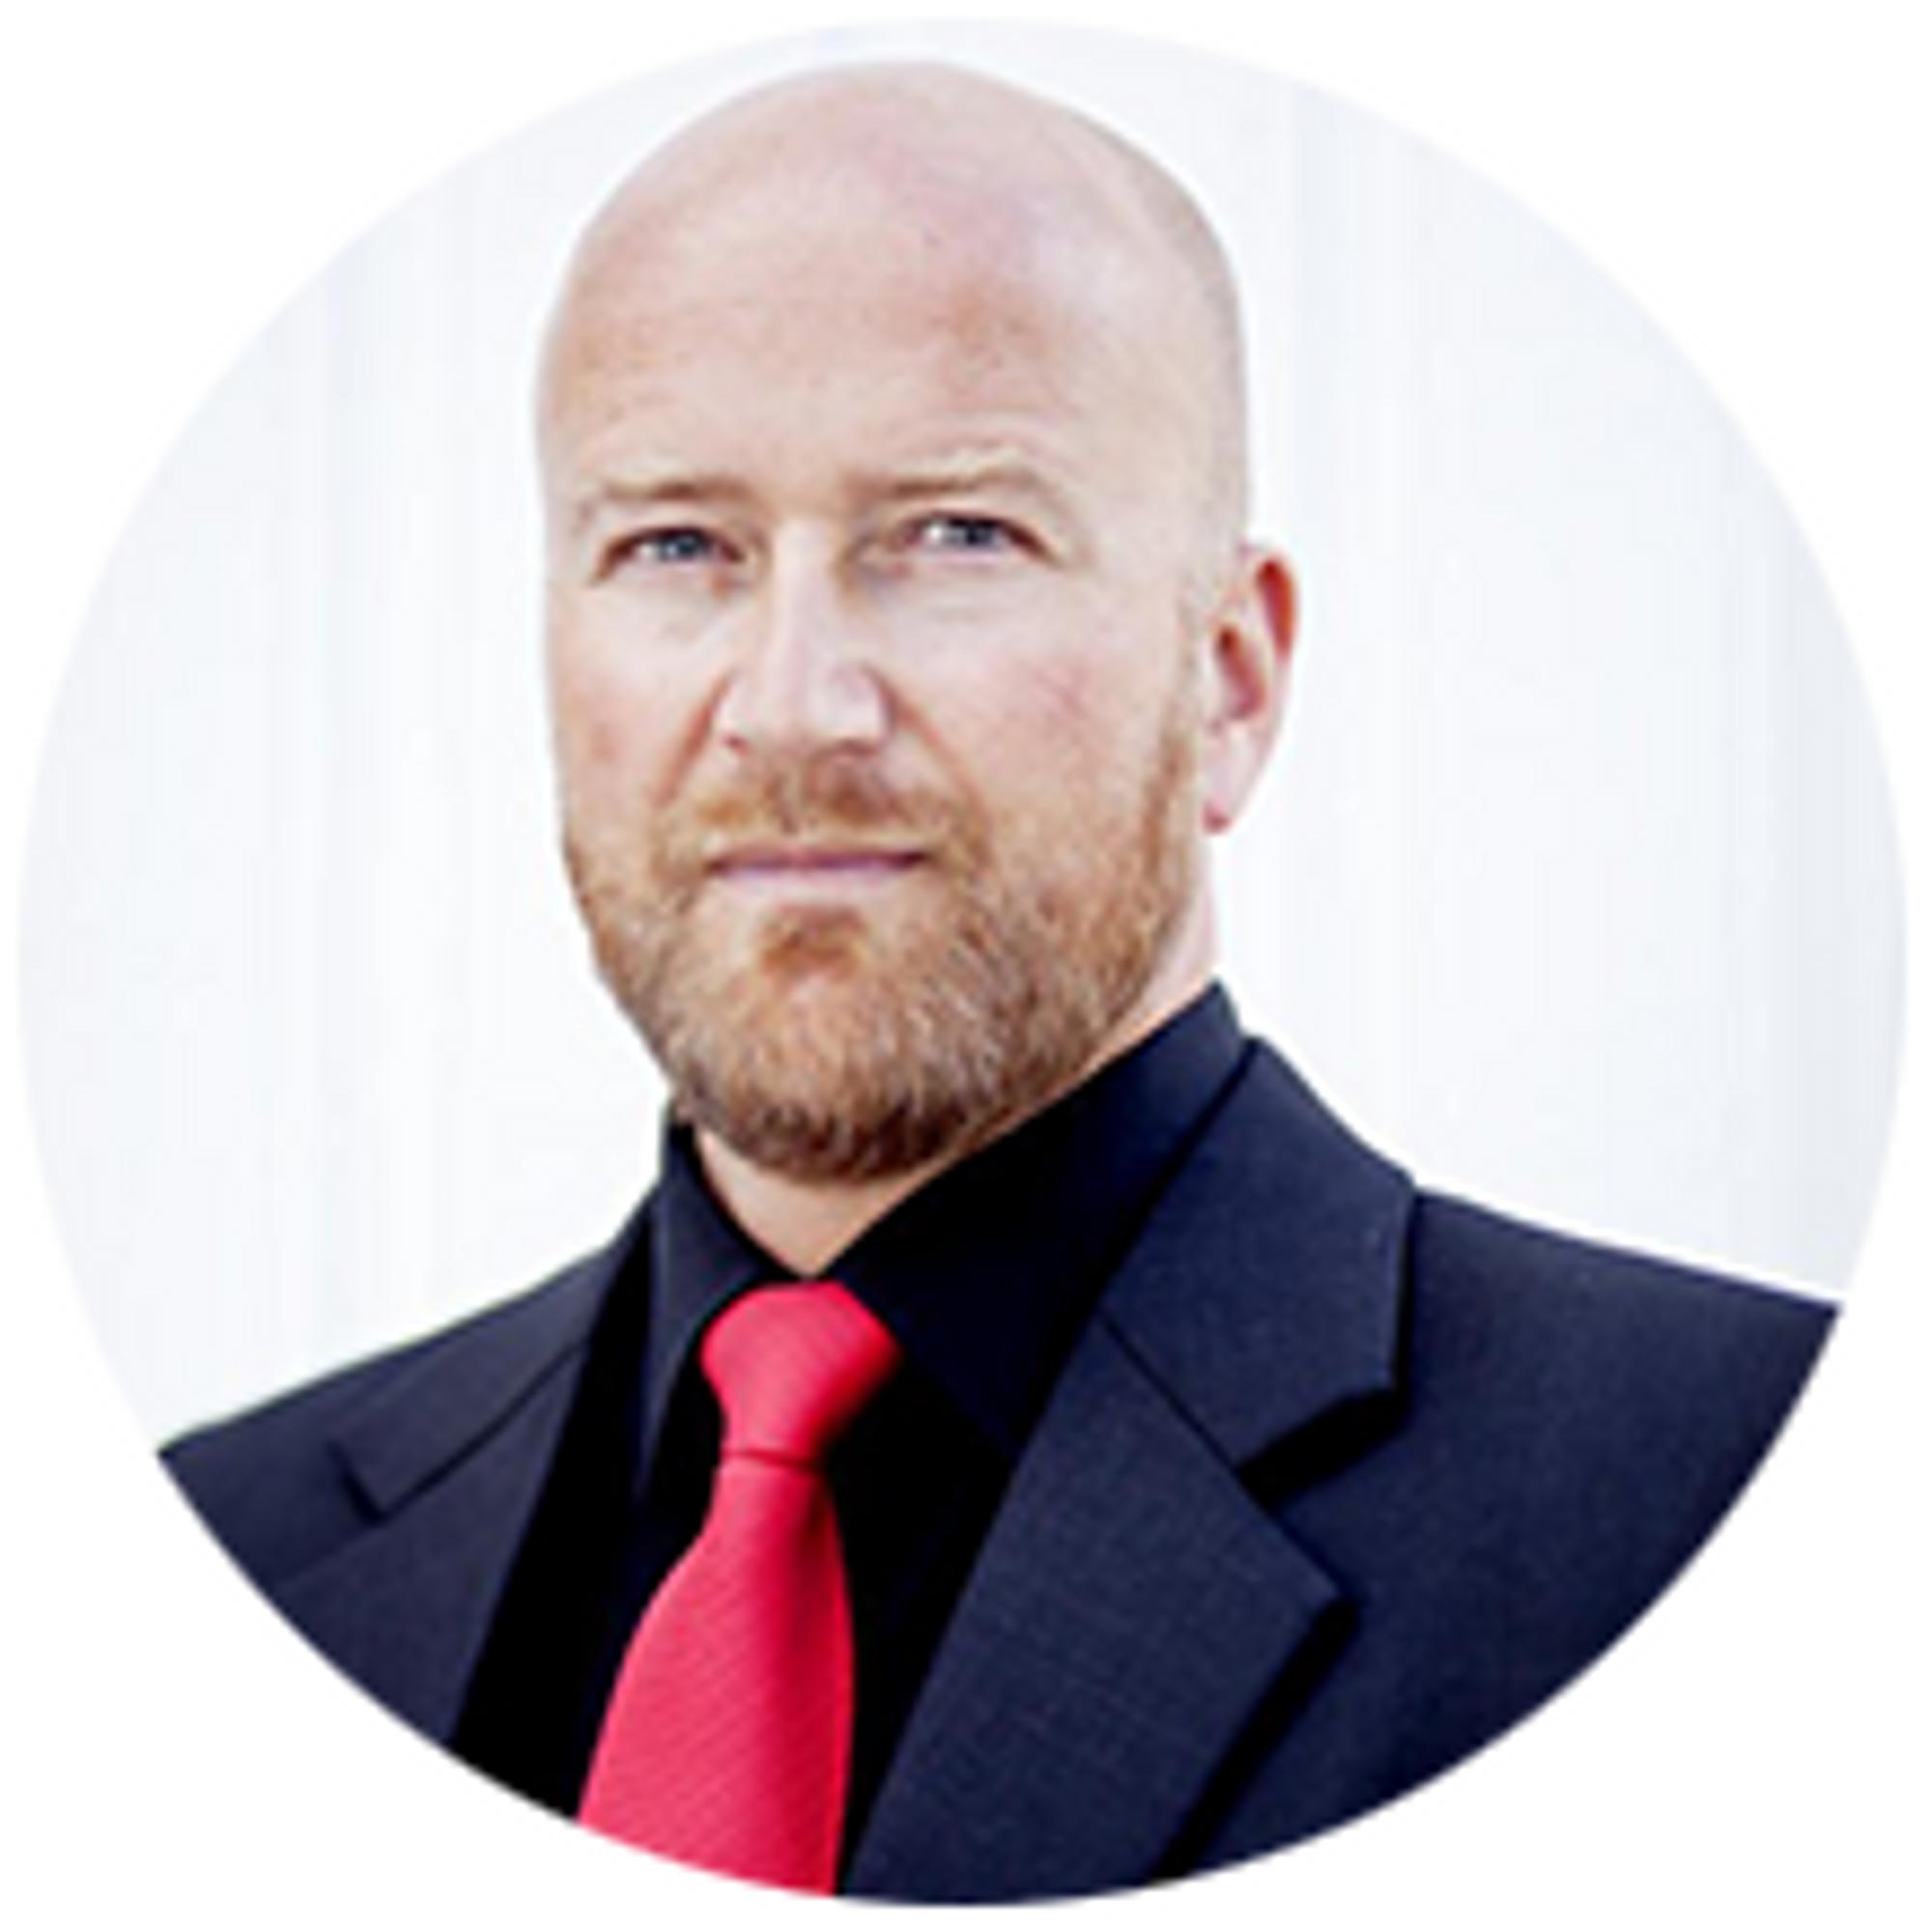 Torbjørn Kjus